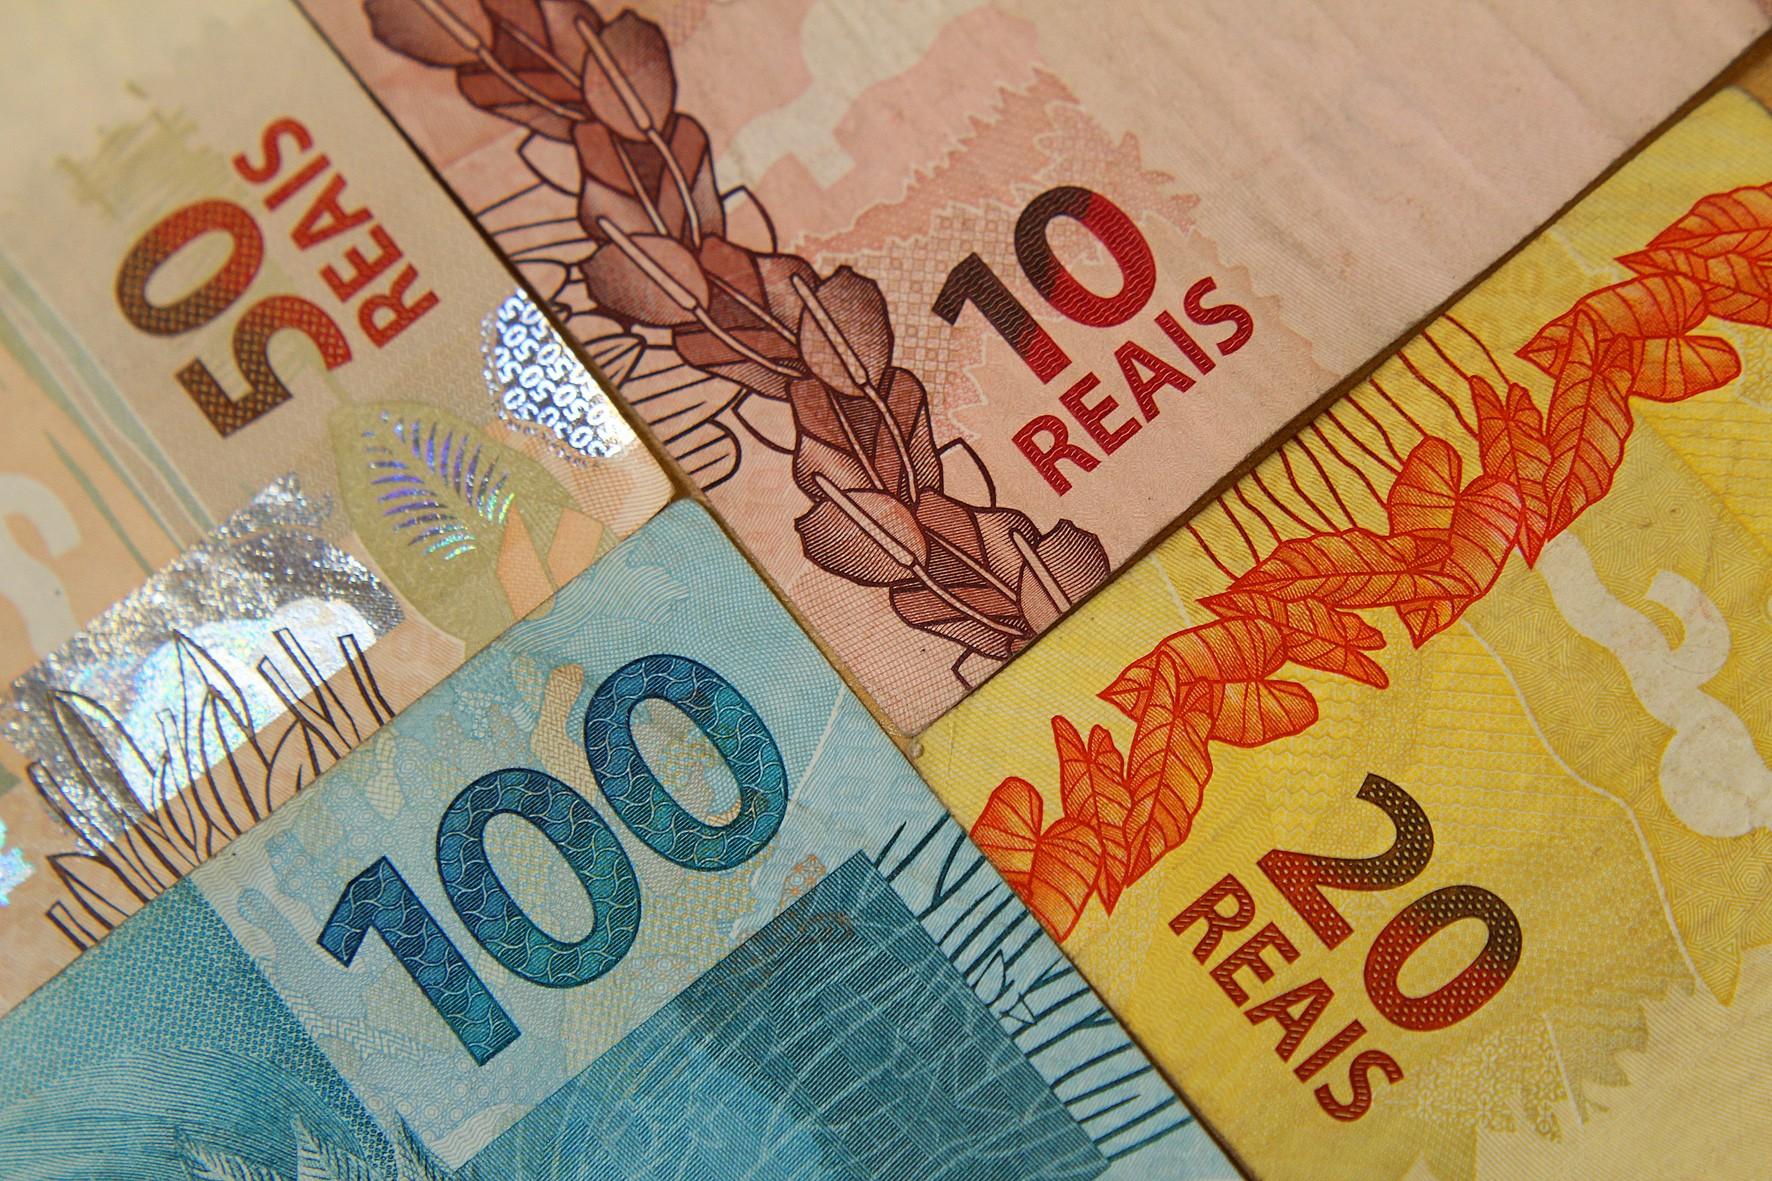 Crédito bancário acumula R$ 4,5 trilhões no primeiro ano da pandemia, diz Febraban thumbnail